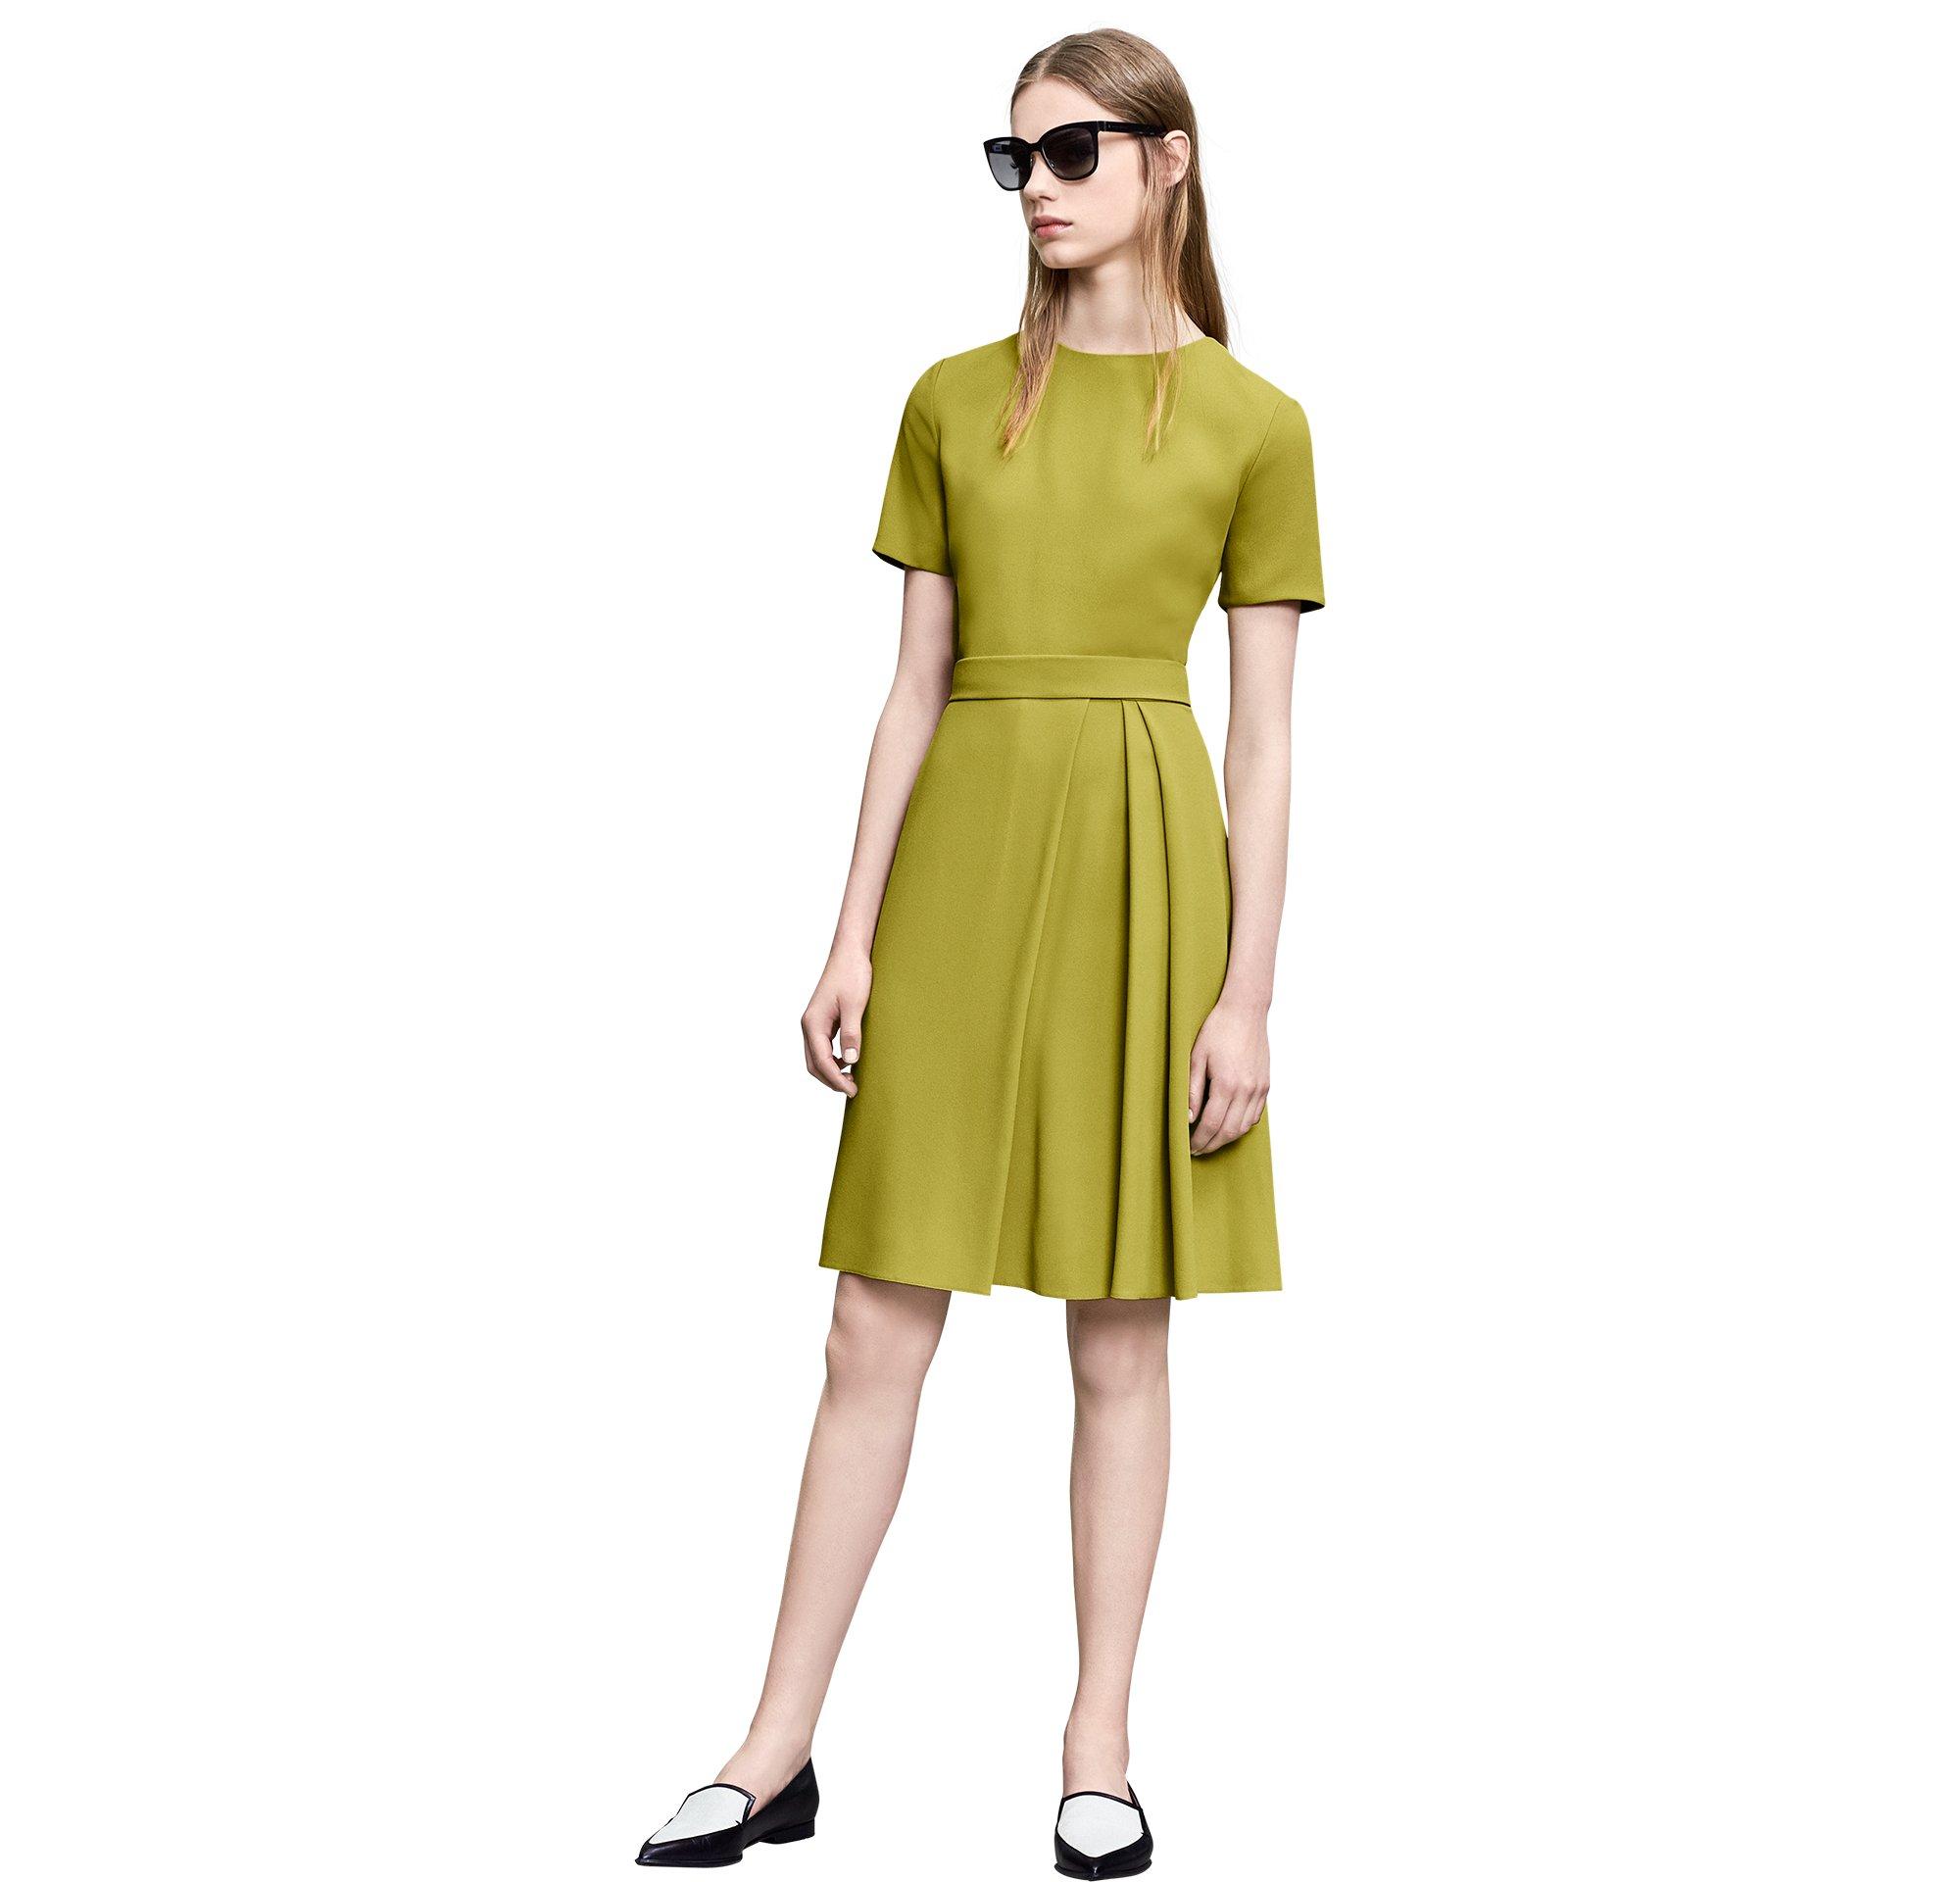 Kleid, Sonnenbrille und Schuhe von BOSS Womenswear